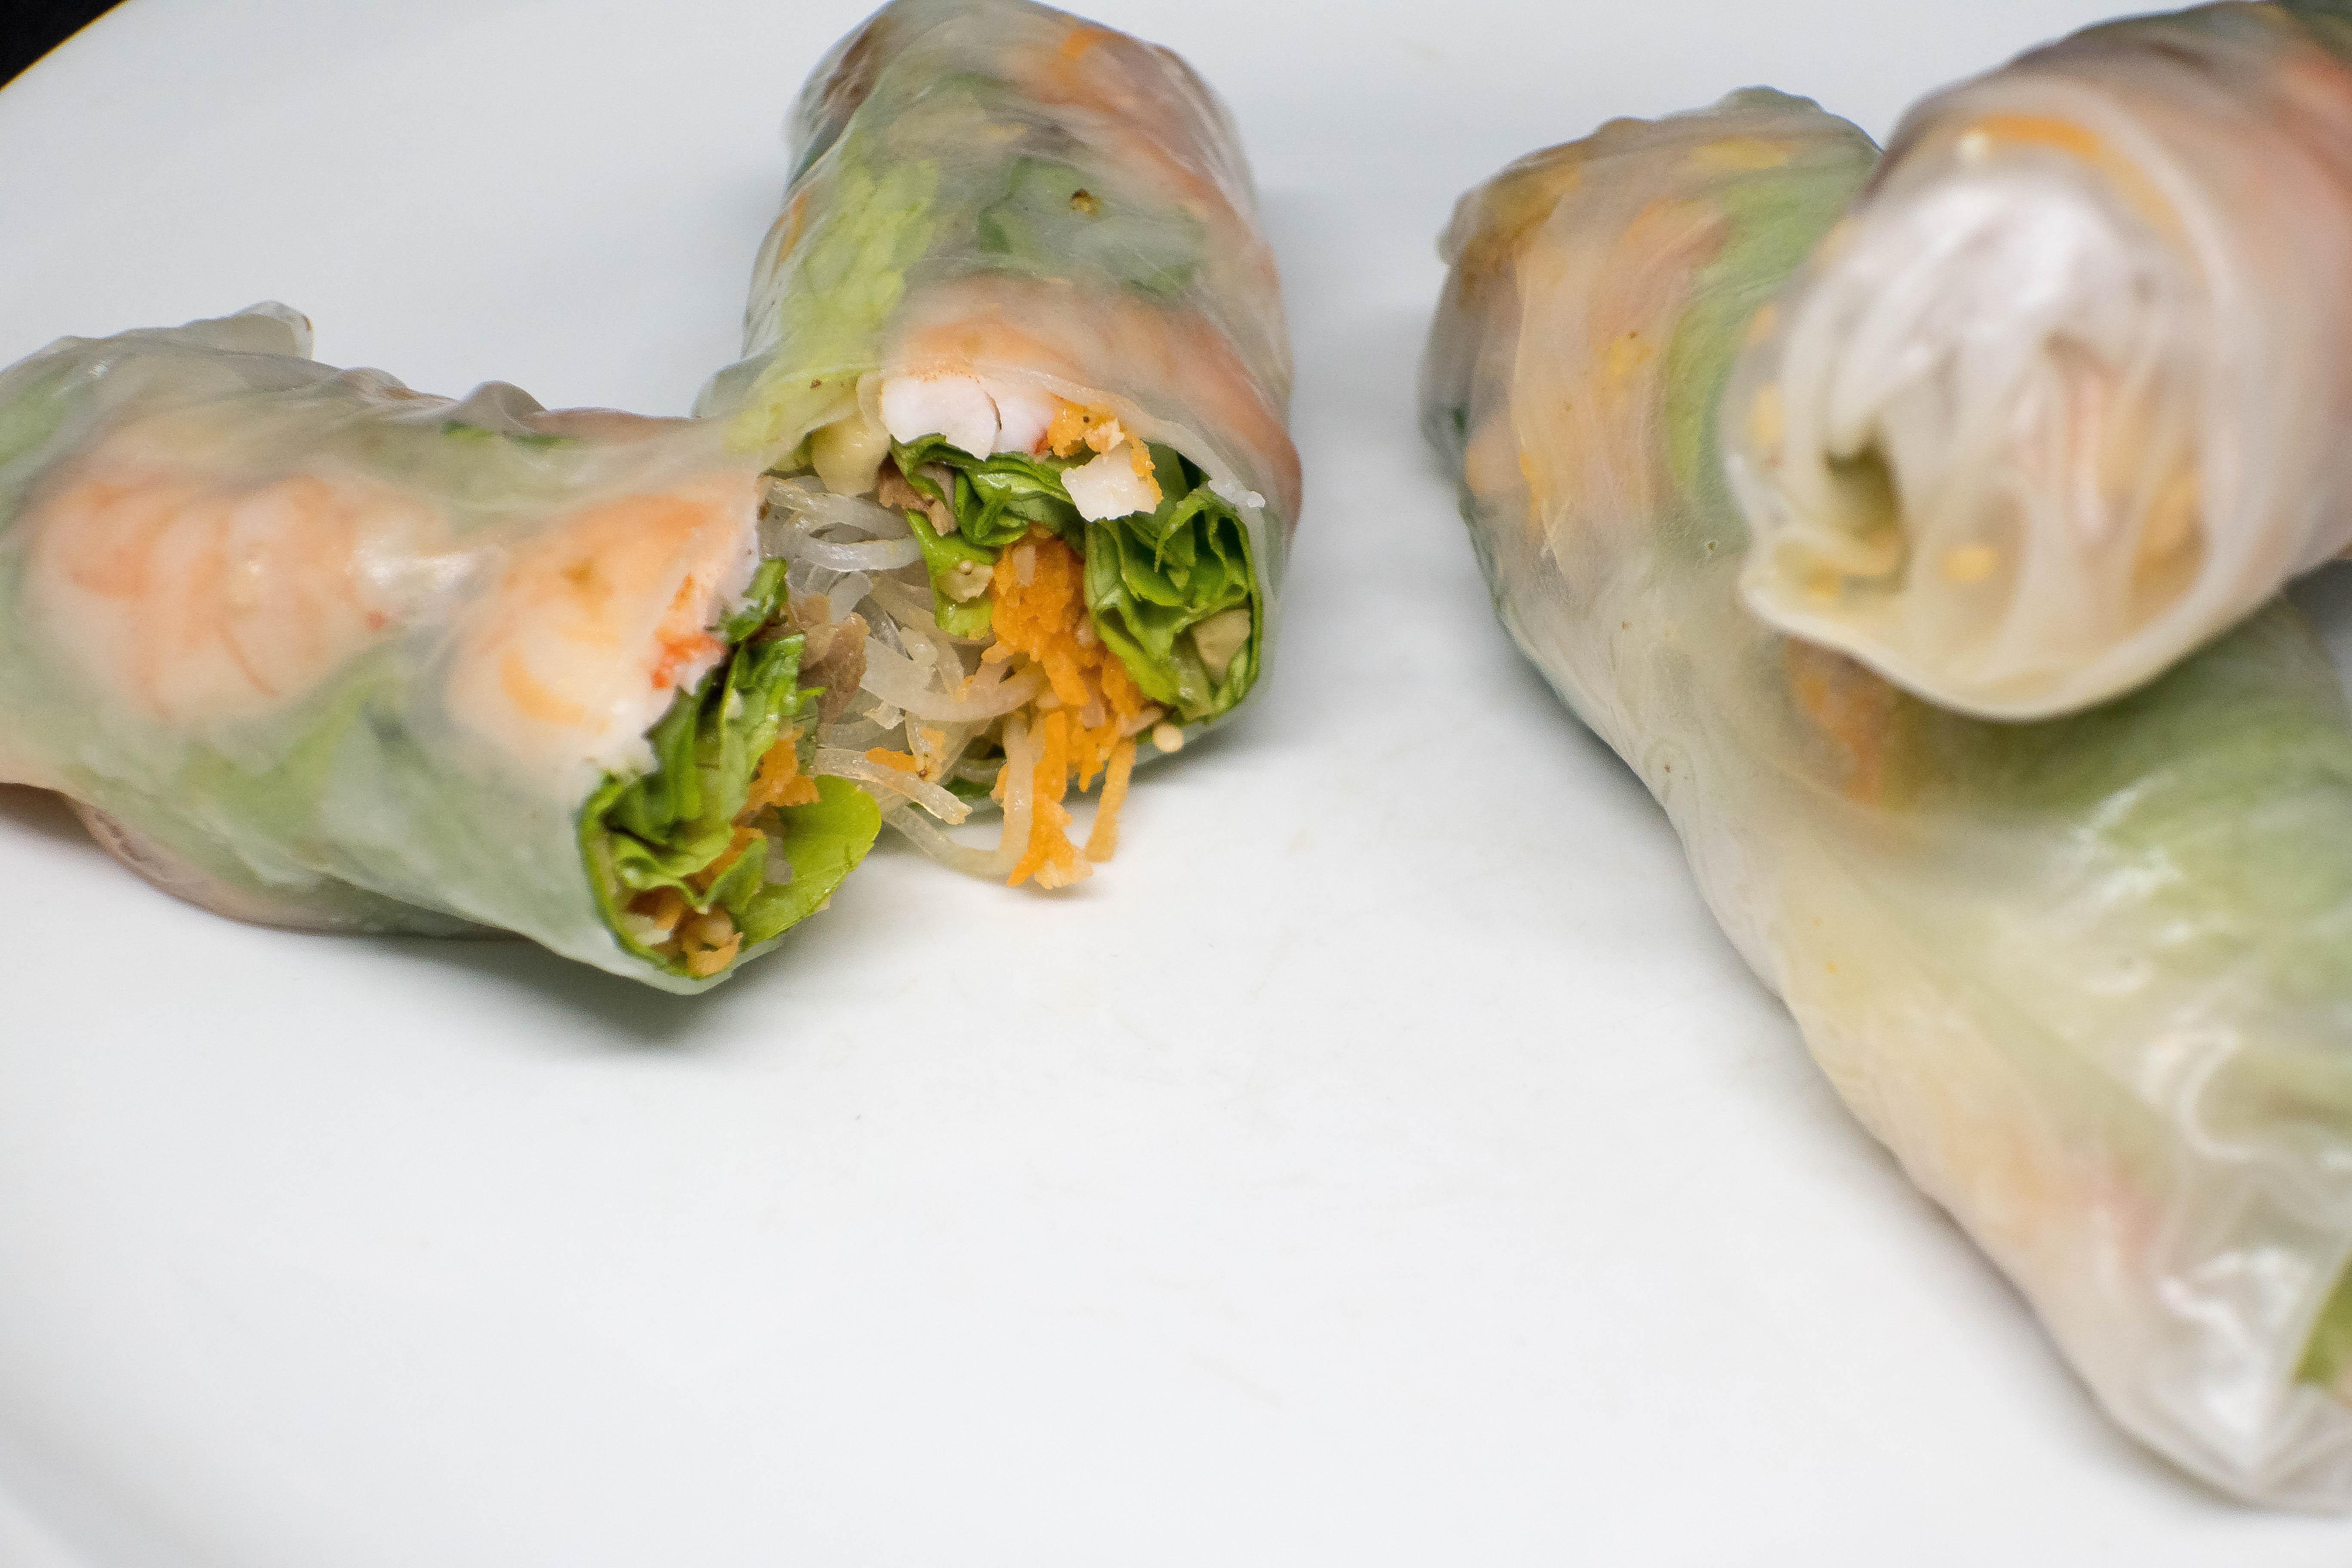 Ingrédients pour 8 rouleaux de printemps : 1 cuisse de poulet 2 carottes 8 feuilles de riz 2 càs de noix de cajou quelques feuille de salade (feuille de chêne ou laitue) 12 crevettes cuites 100g de...